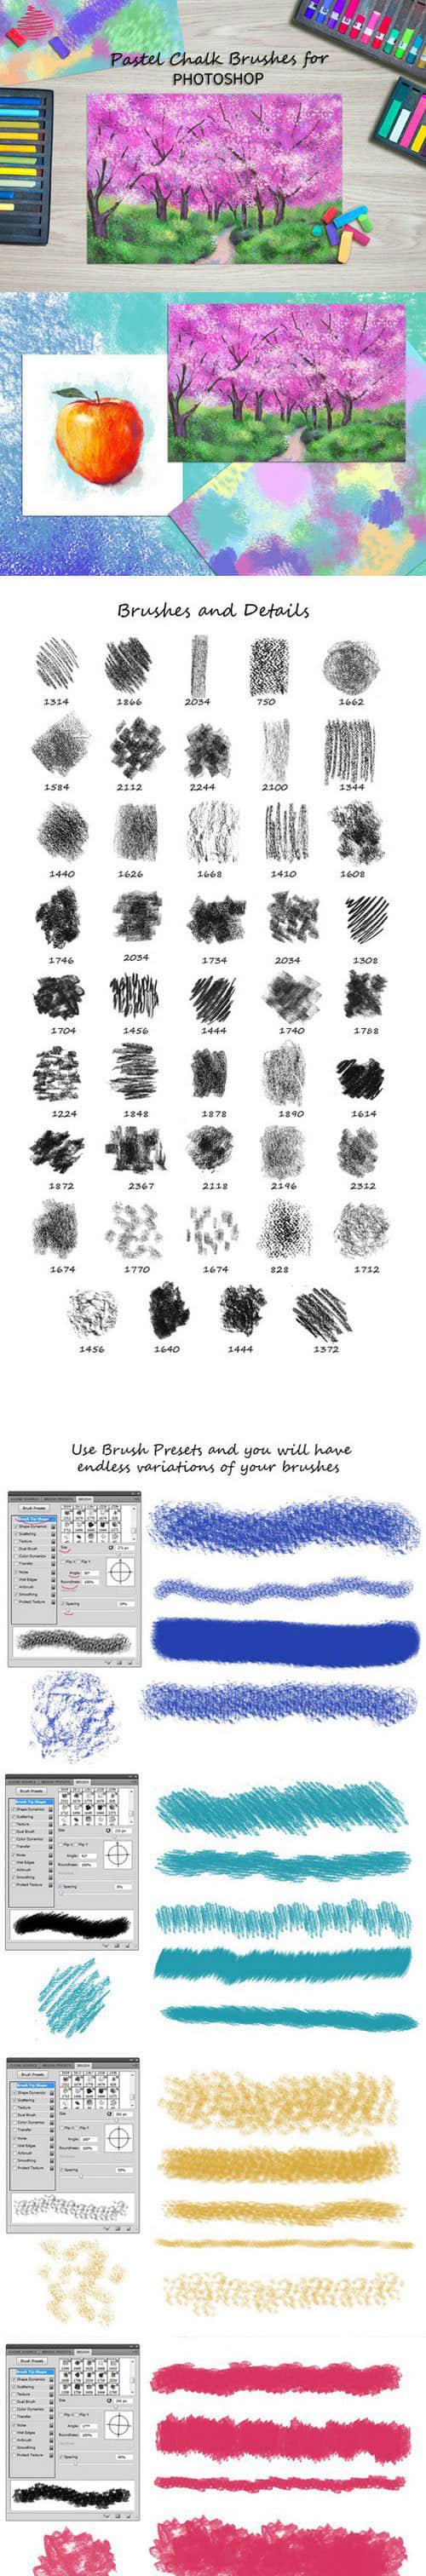 高品质粉笔、蜡笔涂抹效果、眉笔笔触PS笔刷素材下载